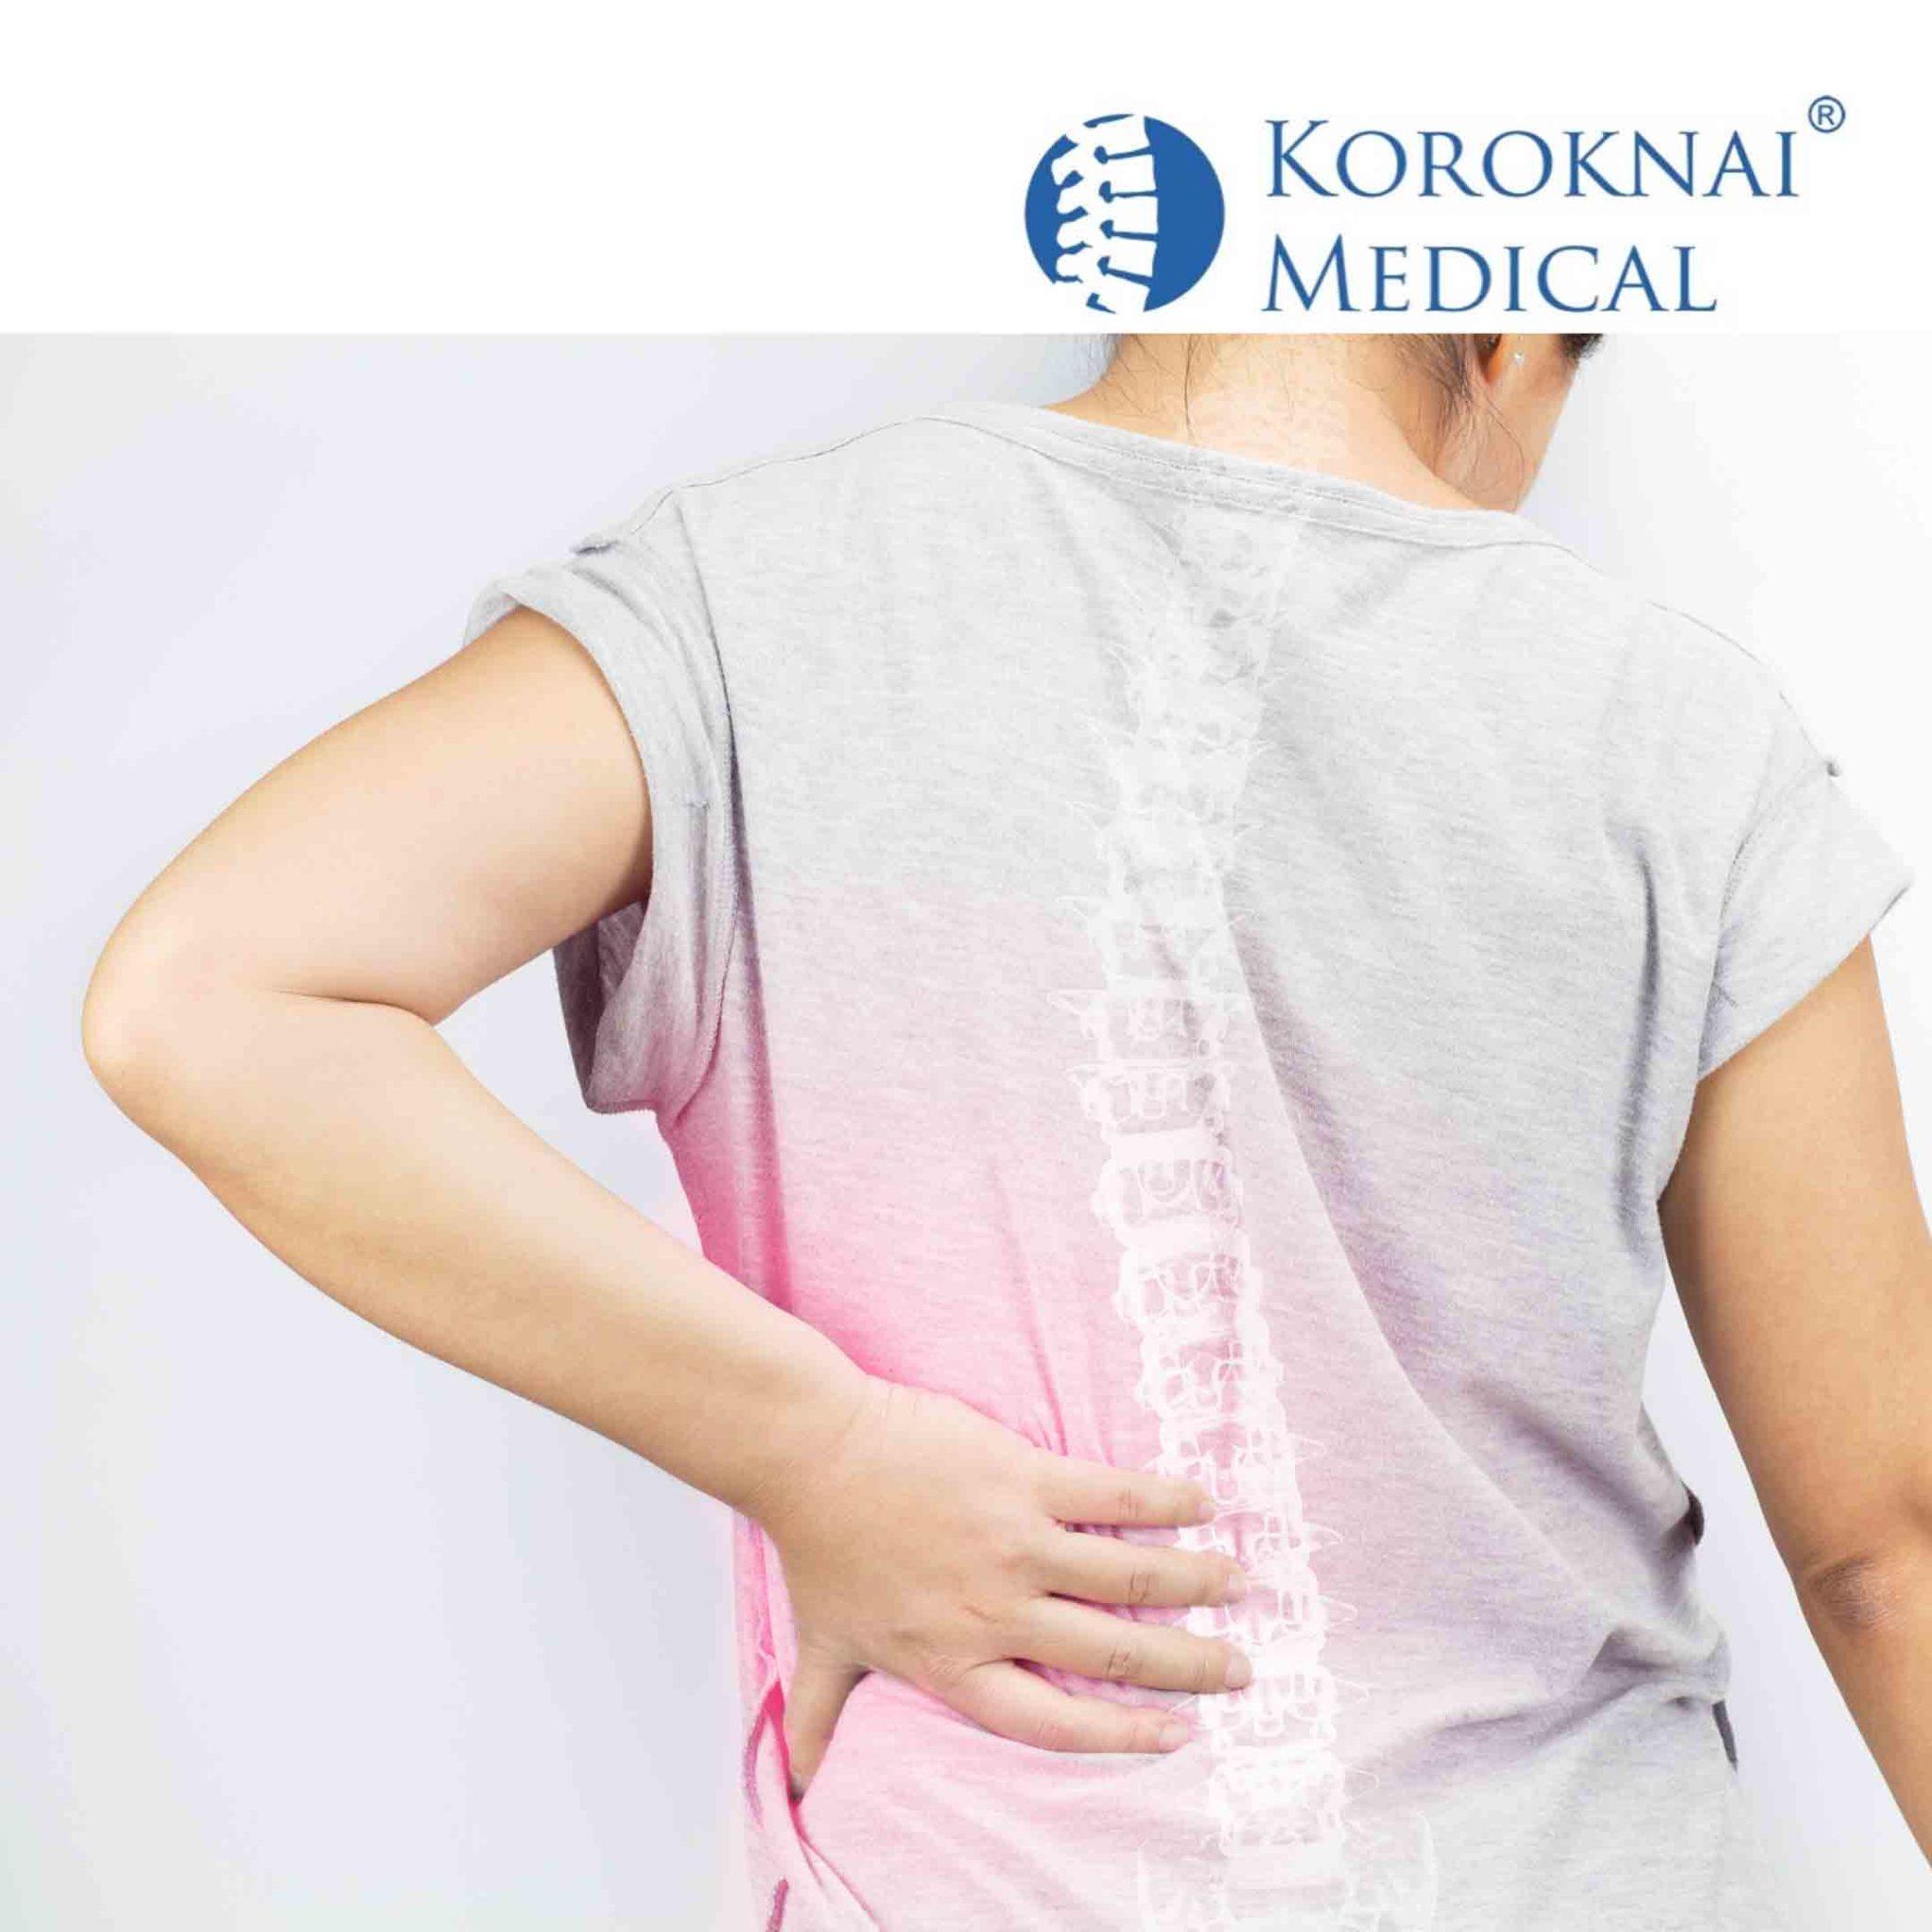 Hátfájás, nyaki panaszok, ízületek - Tíz gyakori kérdés a reumatológiában